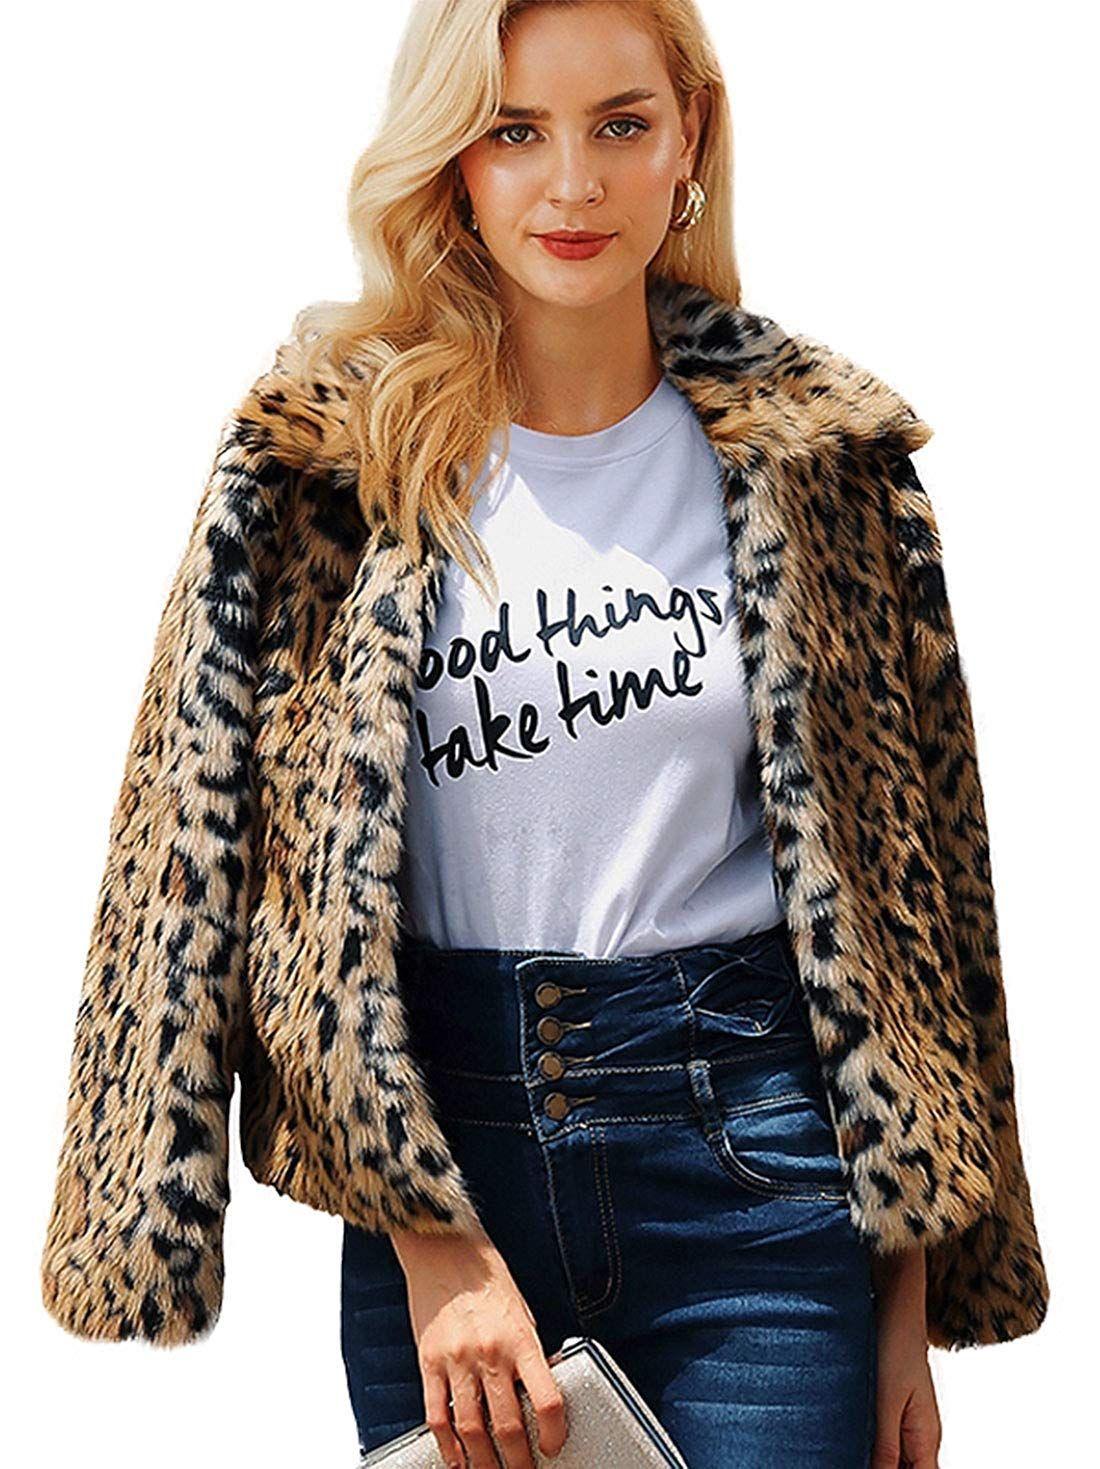 19 Faux Fur Coats On Amazon Under 50 Women S Faux Fur Coats Leopard Print Faux Fur Coat Winter Faux Fur Coat Fur Coat Outfit [ 1469 x 1100 Pixel ]